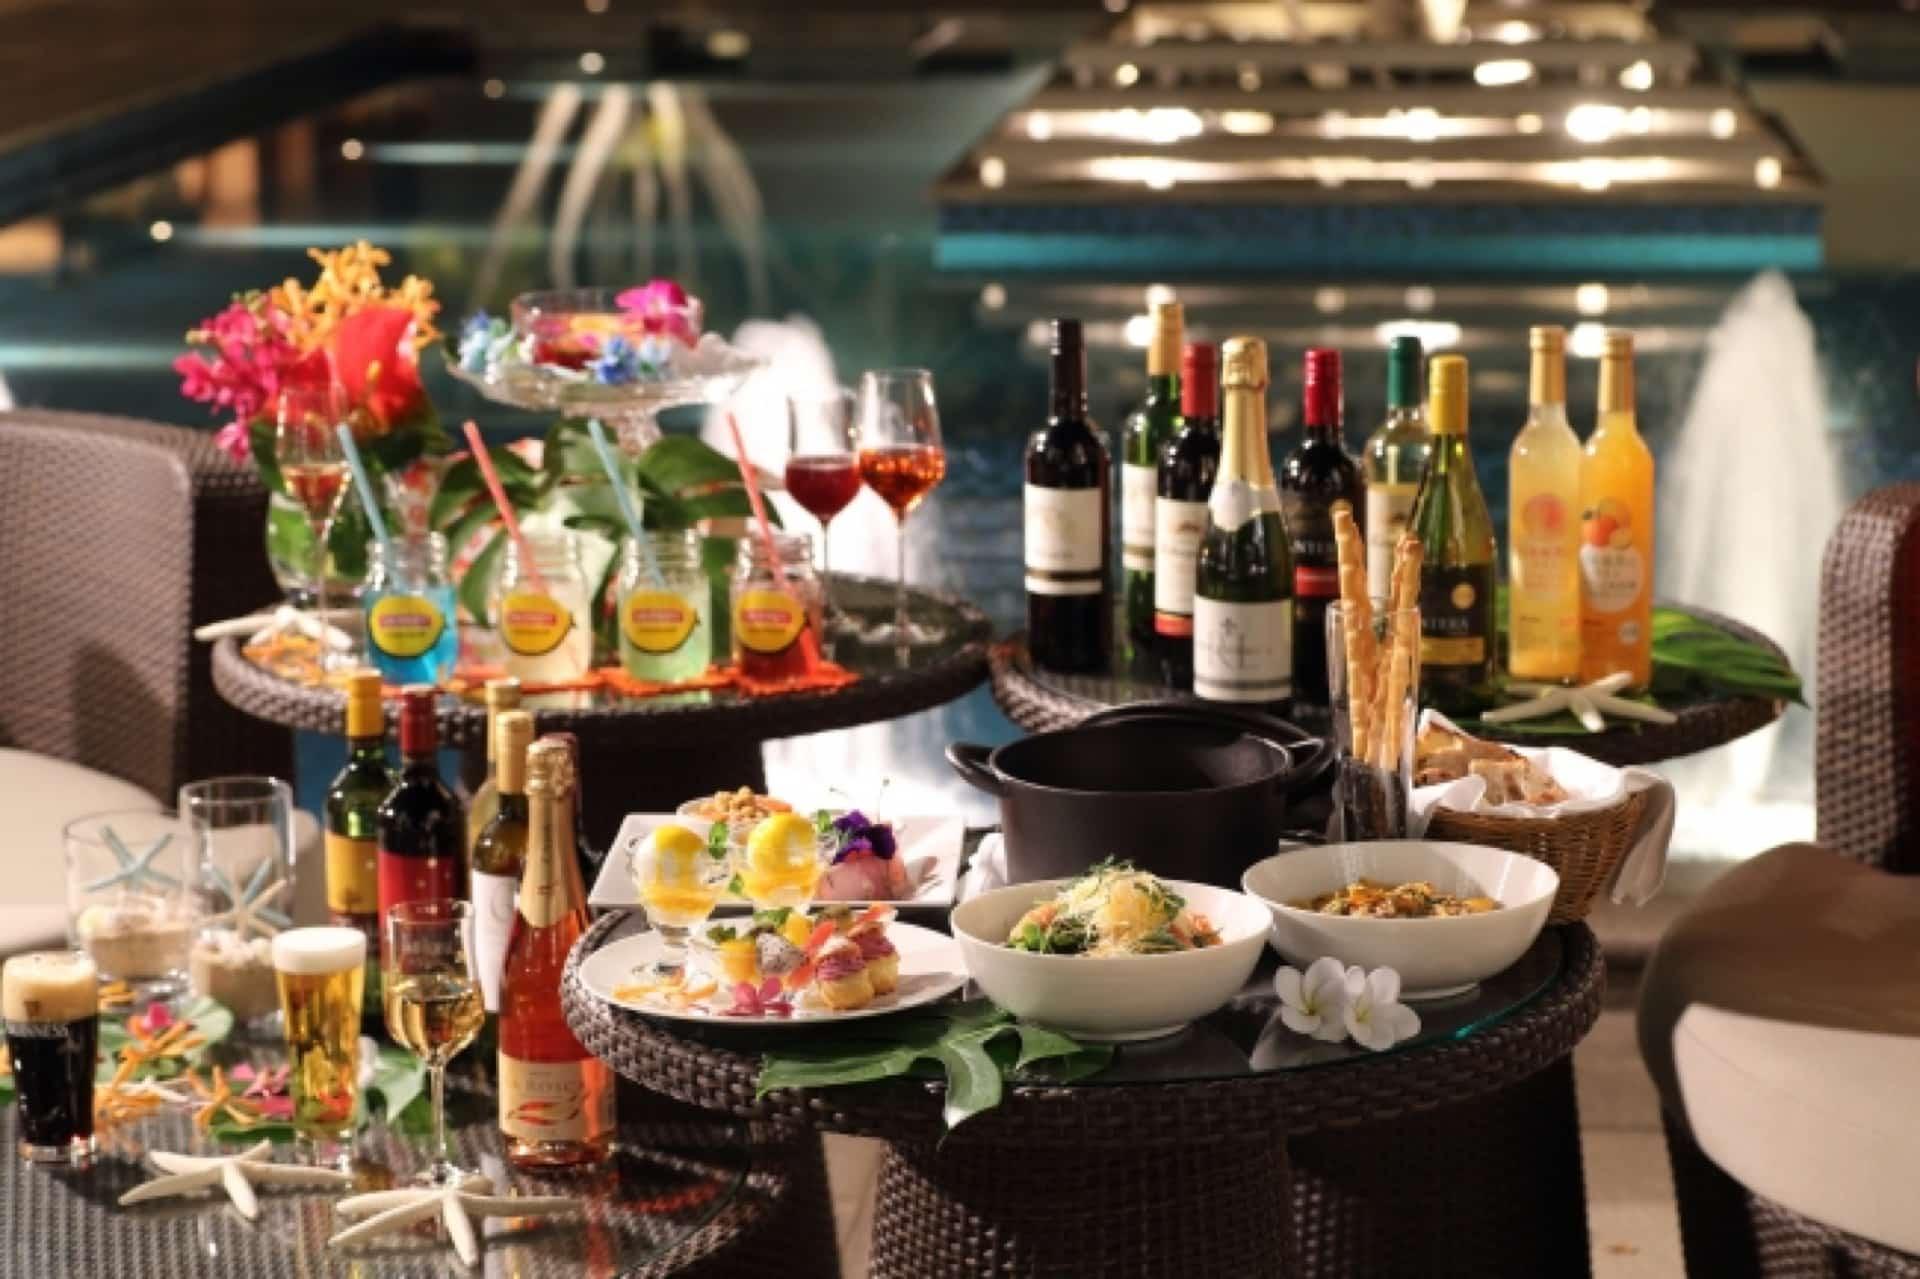 4月から楽しめる!ラスイート神戸で「ワイン&ビアガーデン」開催。優雅な時間が過ごせそう